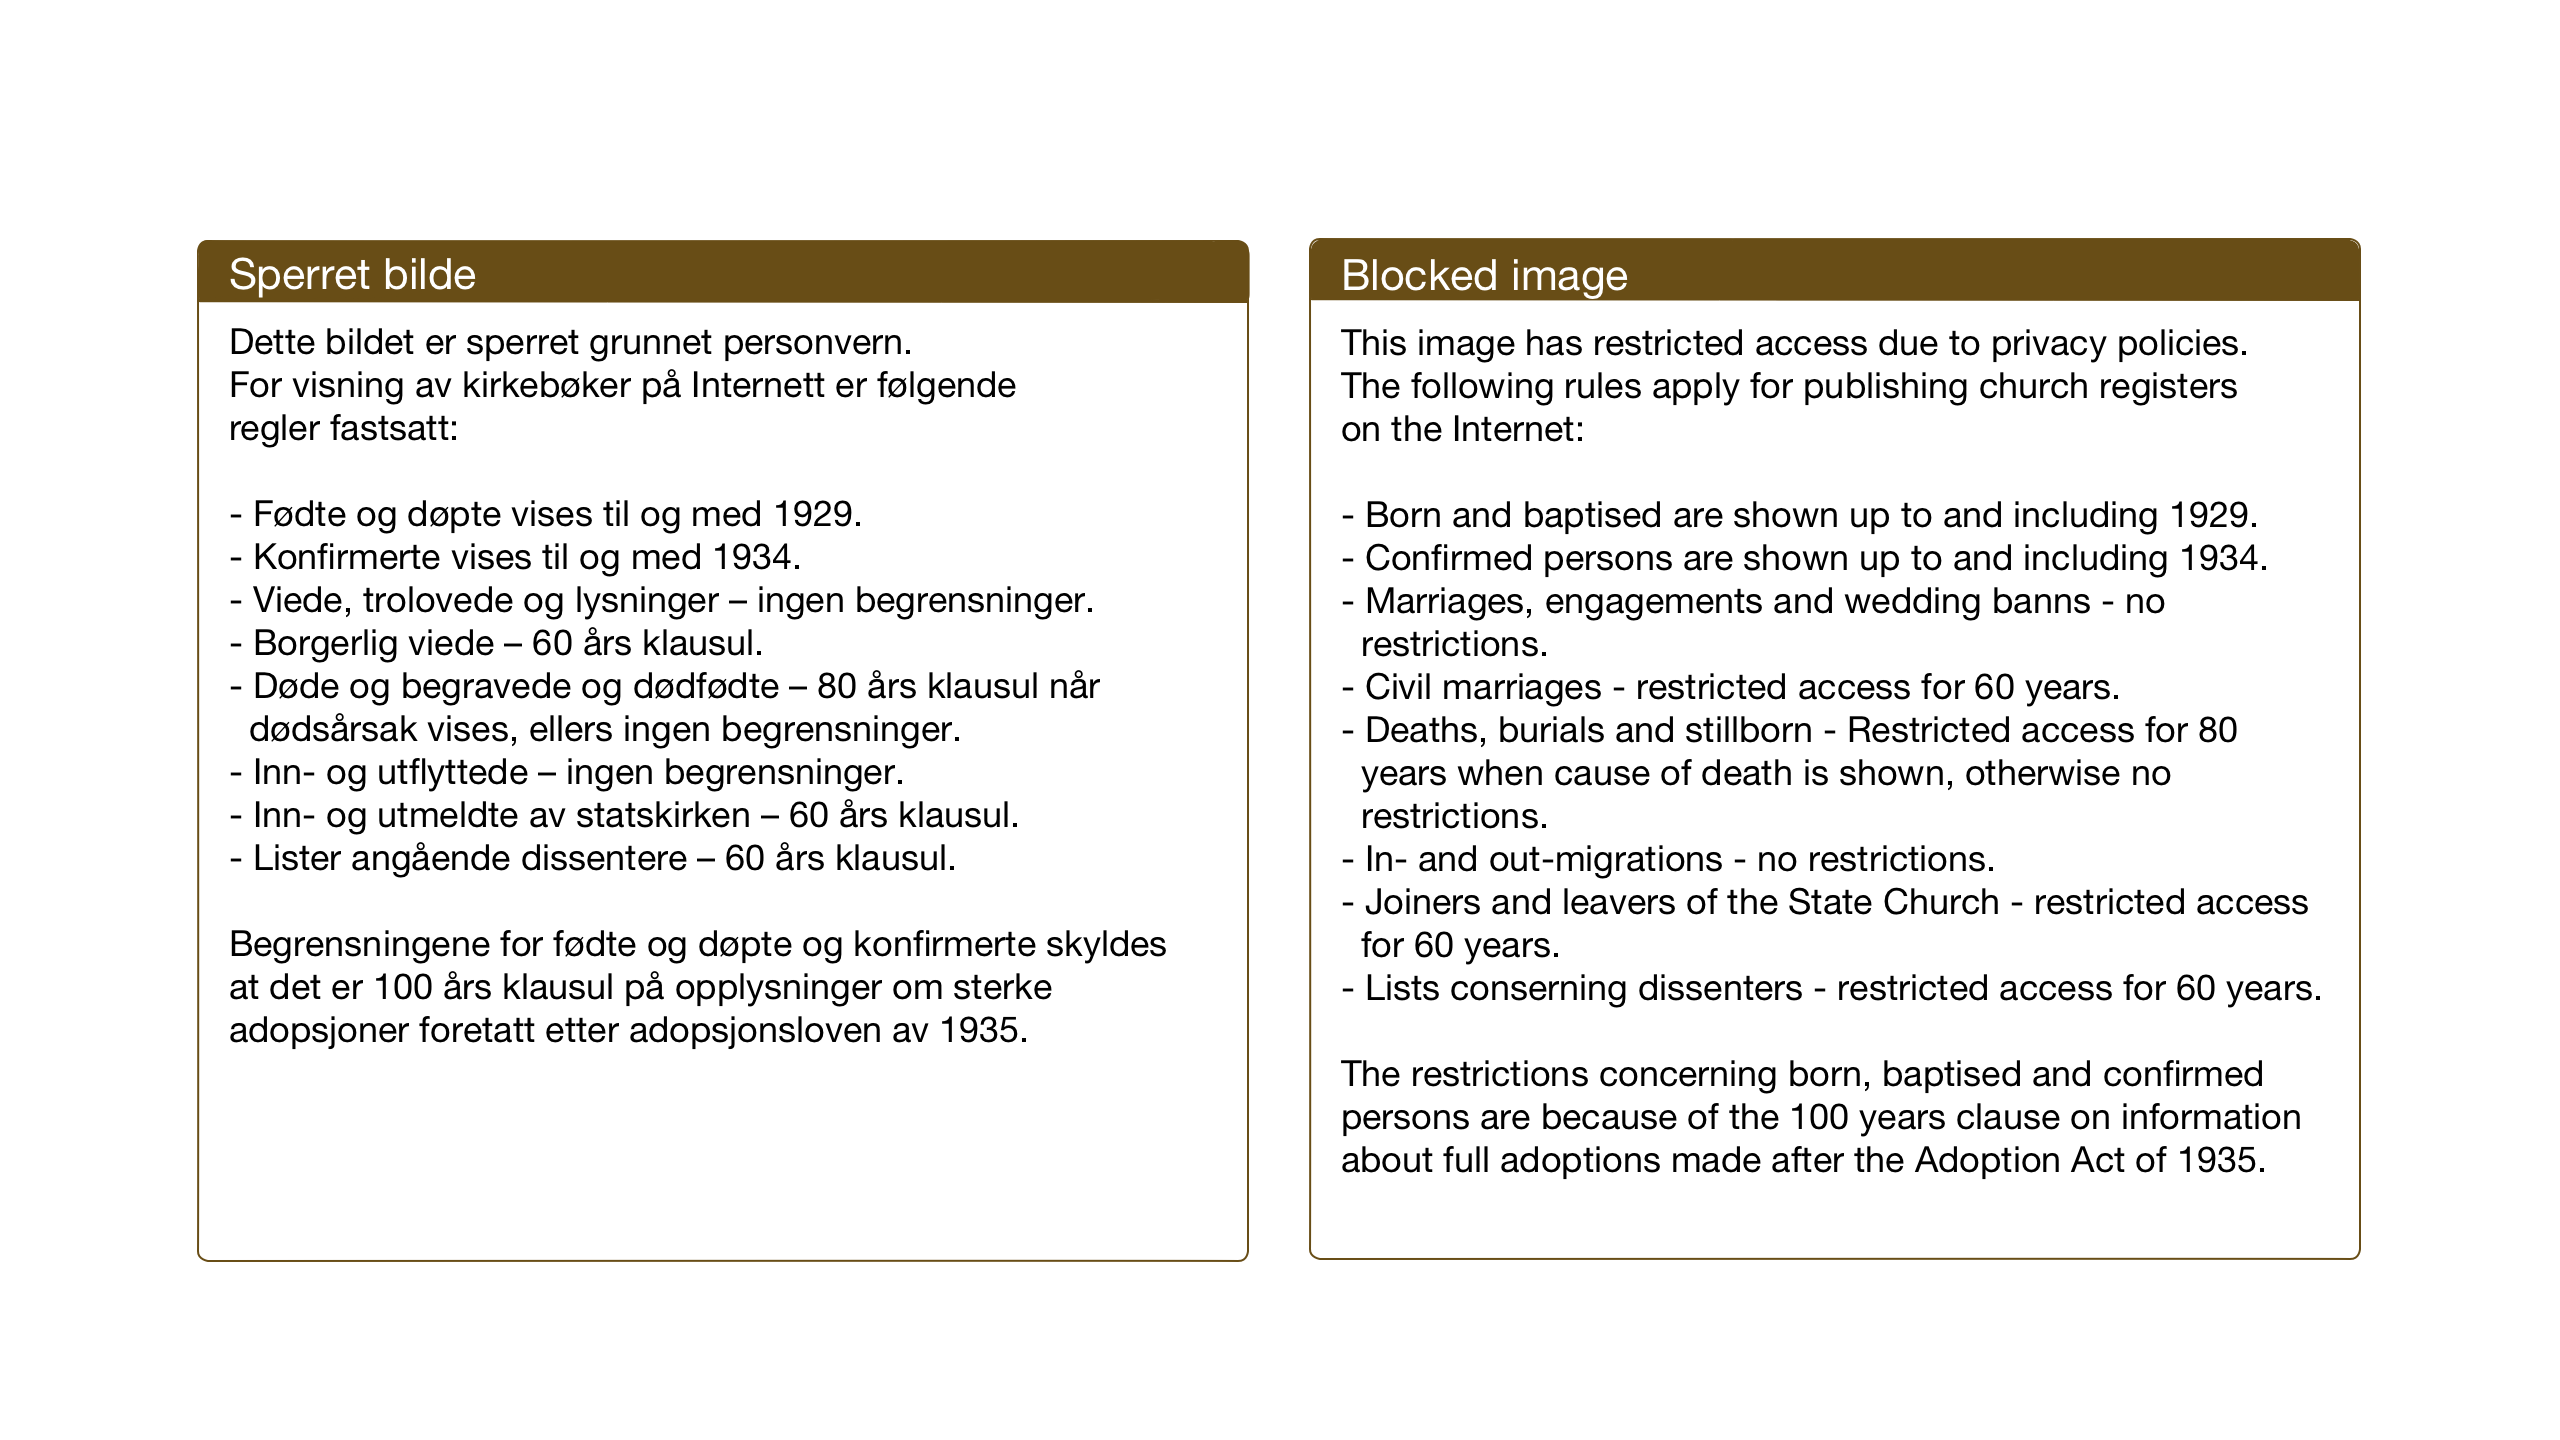 SAT, Ministerialprotokoller, klokkerbøker og fødselsregistre - Nord-Trøndelag, 749/L0480: Klokkerbok nr. 749C02, 1924-1932, s. 63